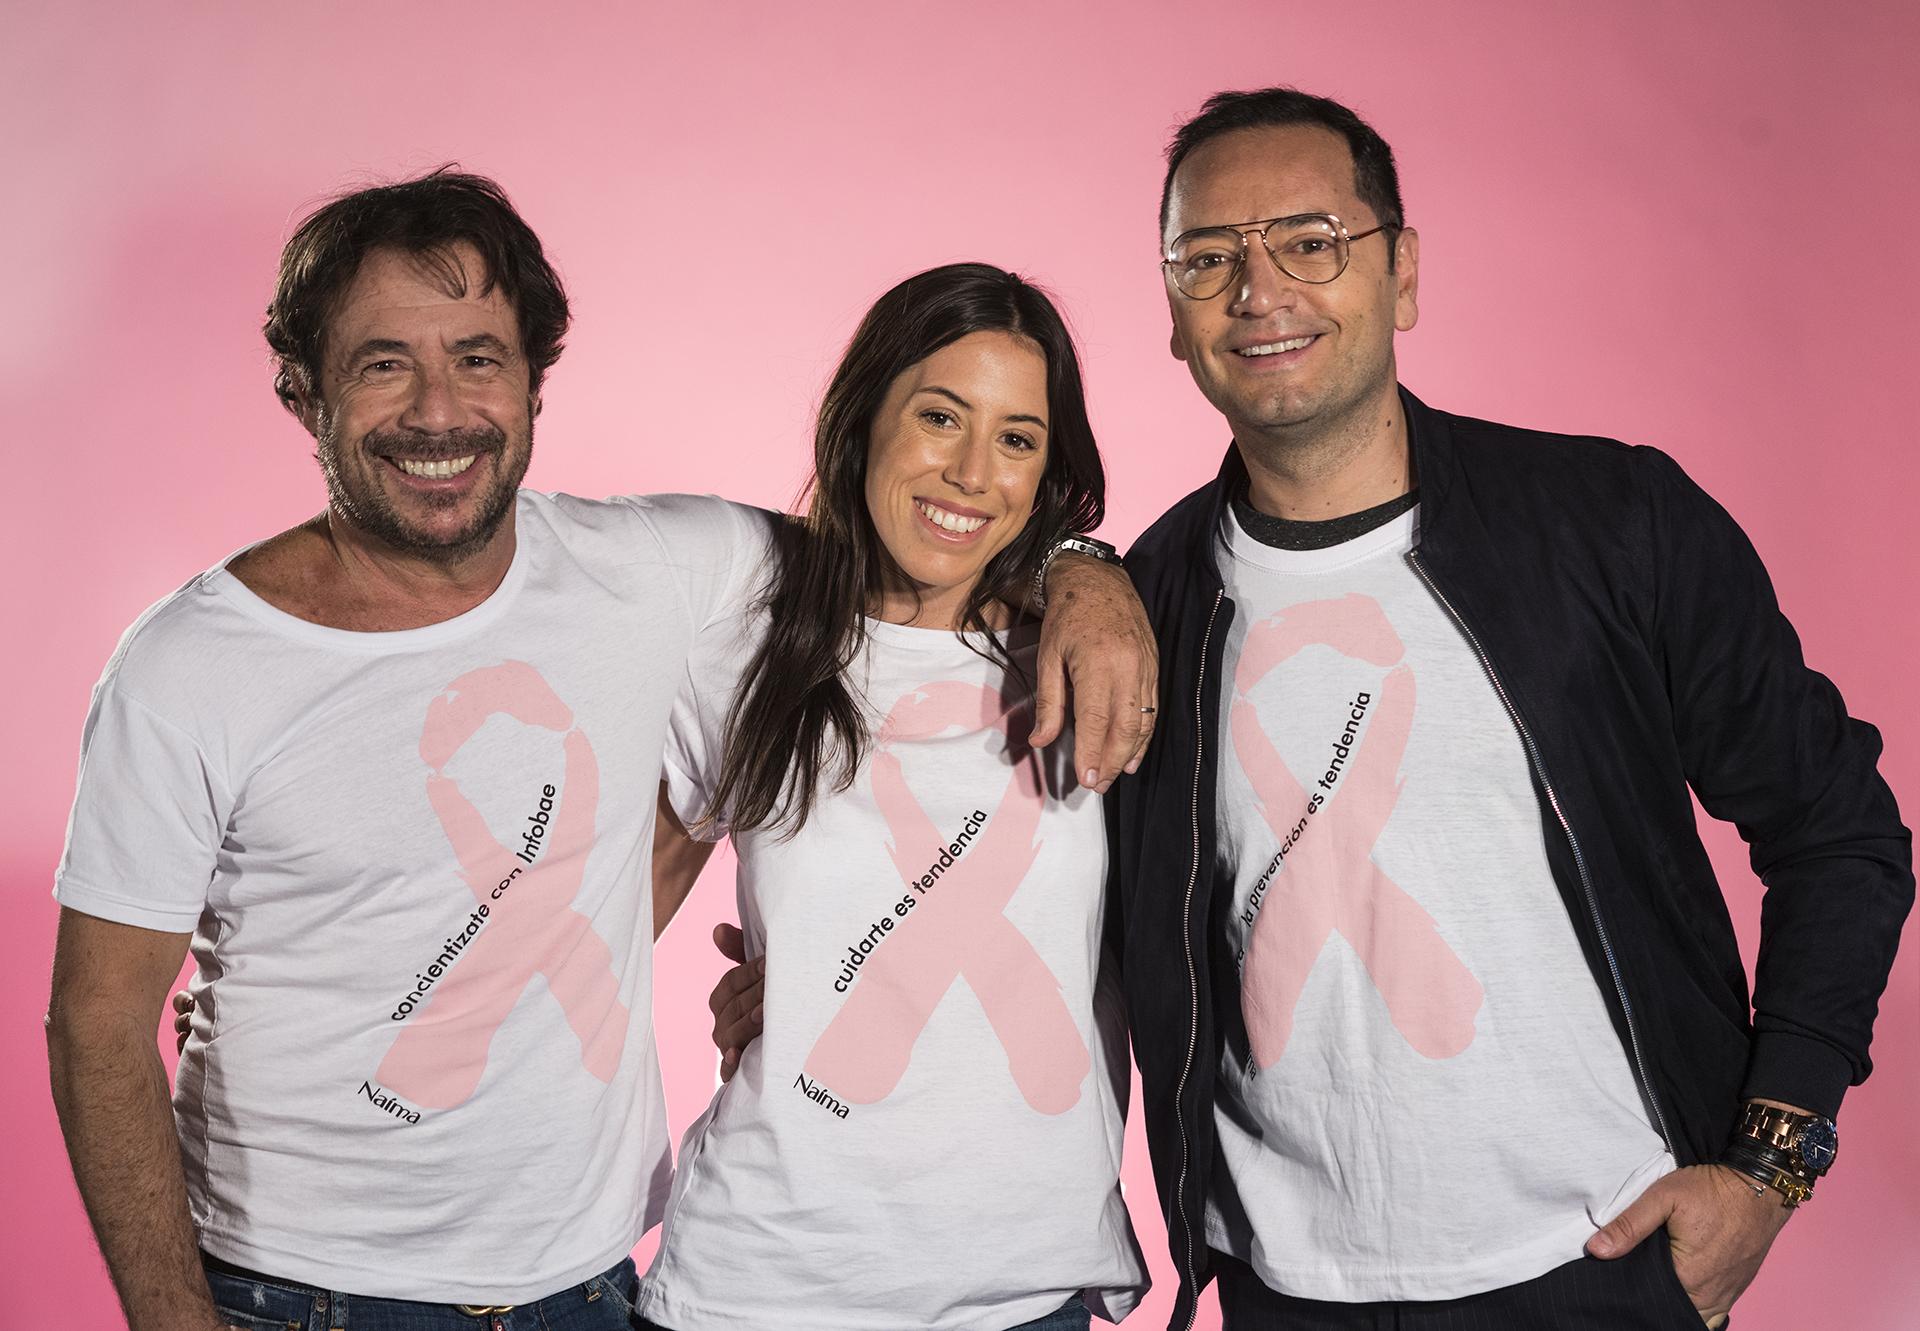 Cumbre de la moda. Ricky y Sofía Sarkany junto a Fabián Medina Flores brindaron una clase de estilo